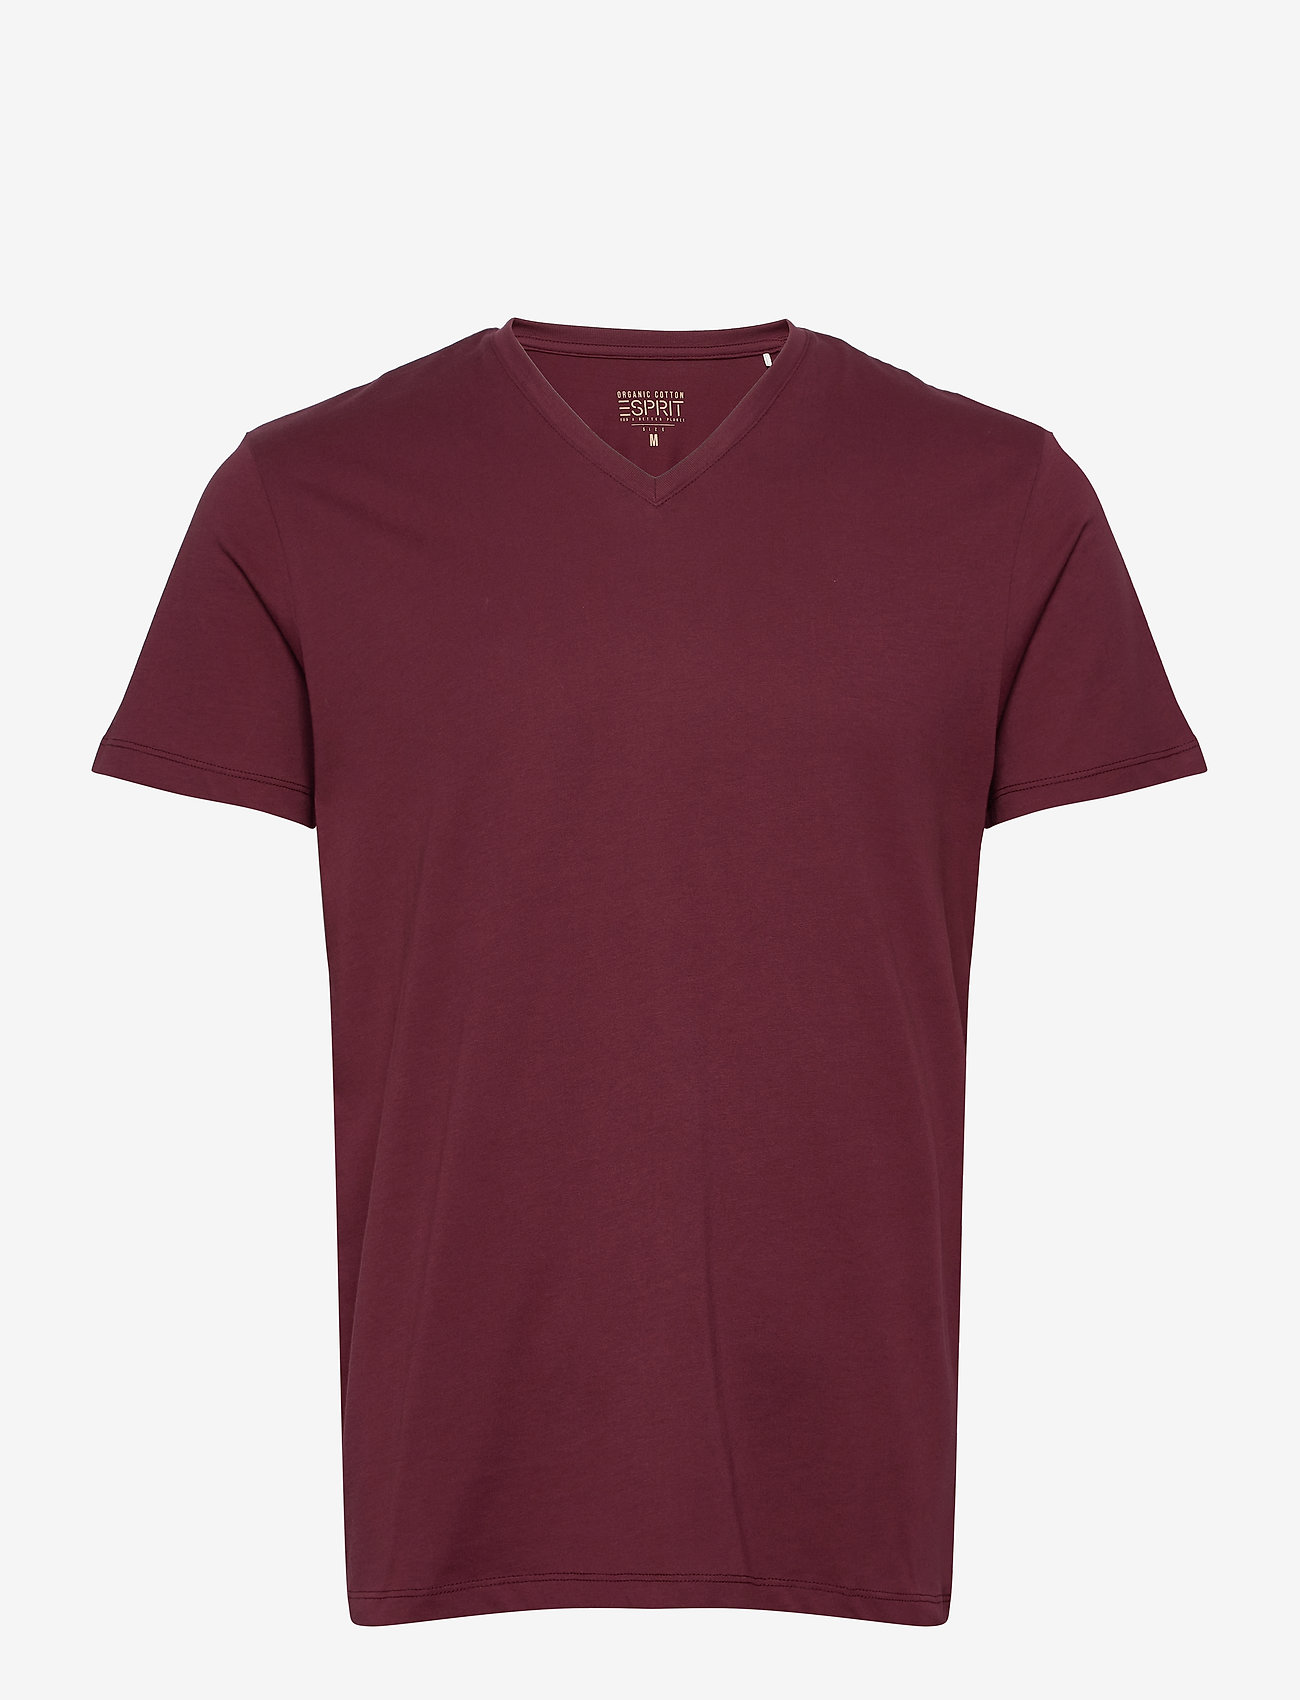 Esprit Casual - T-Shirts - t-shirts basiques - bordeaux red - 0